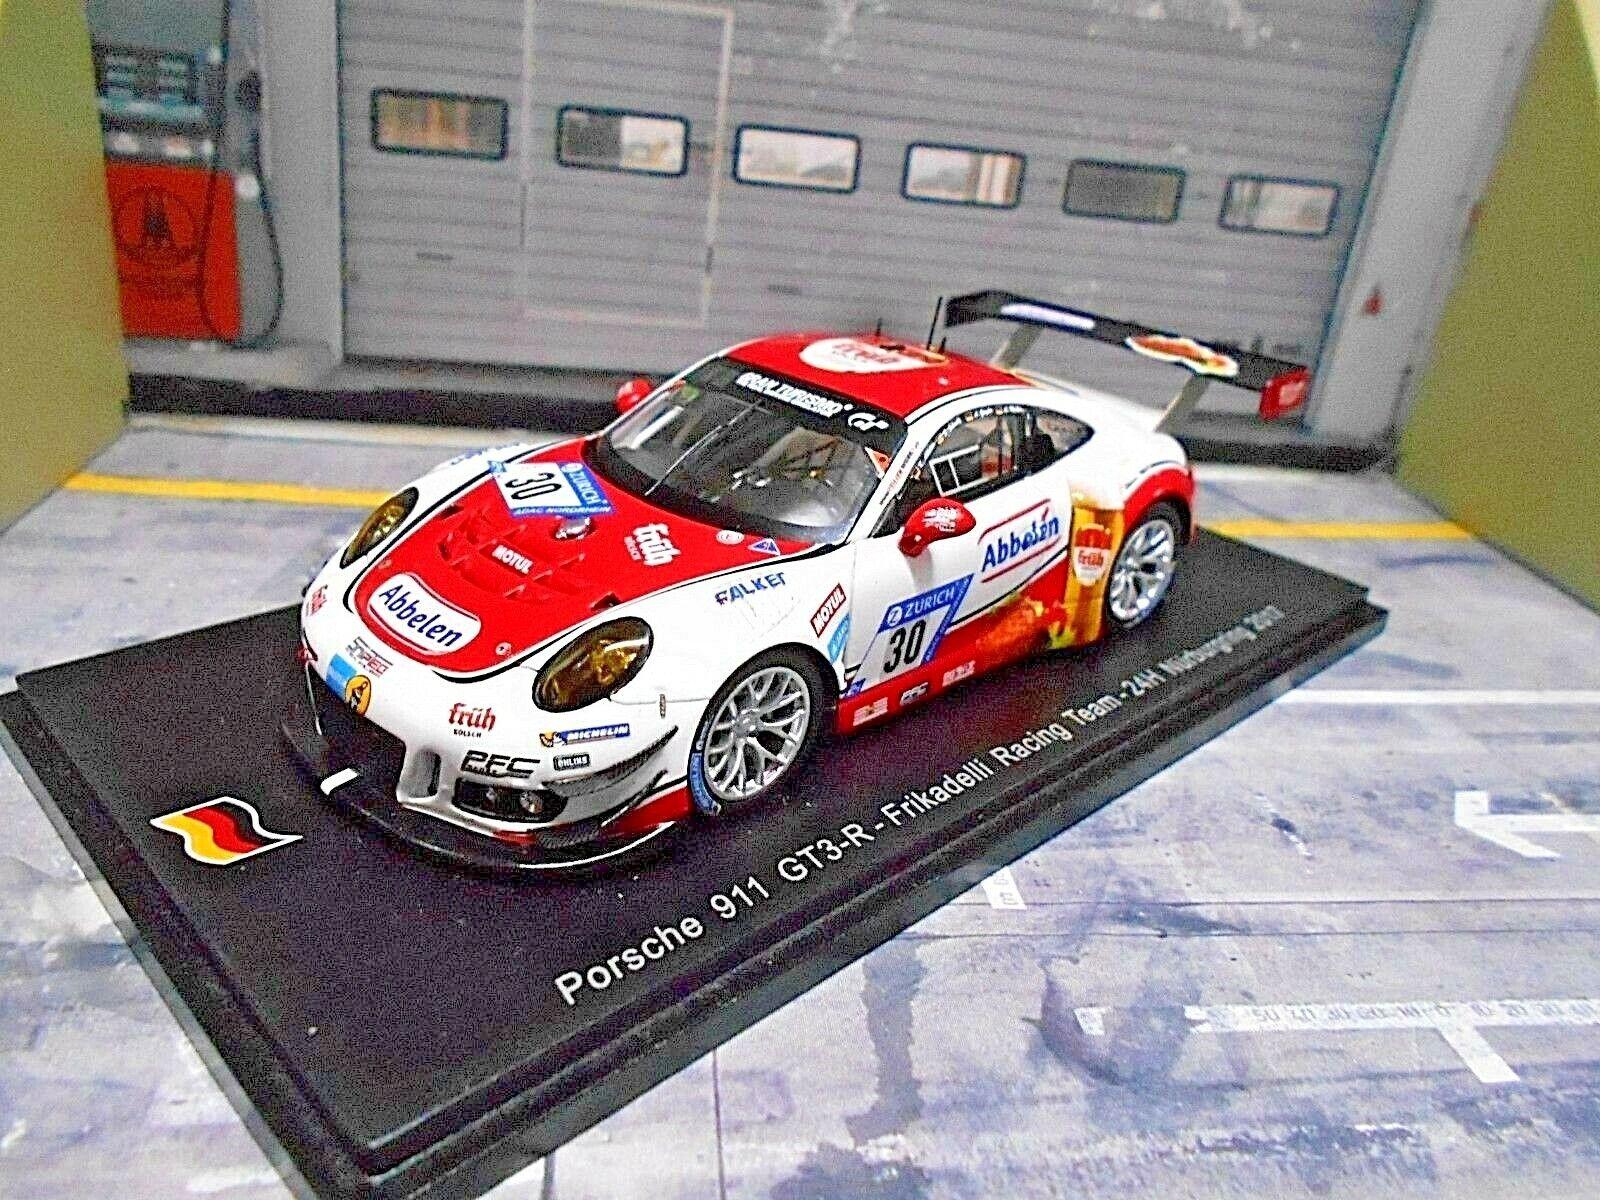 Porsche 911 991 gt3 R 24h nurburgring frikadelli 2017    30 abbelen sch Spark 1 43 3afa7b